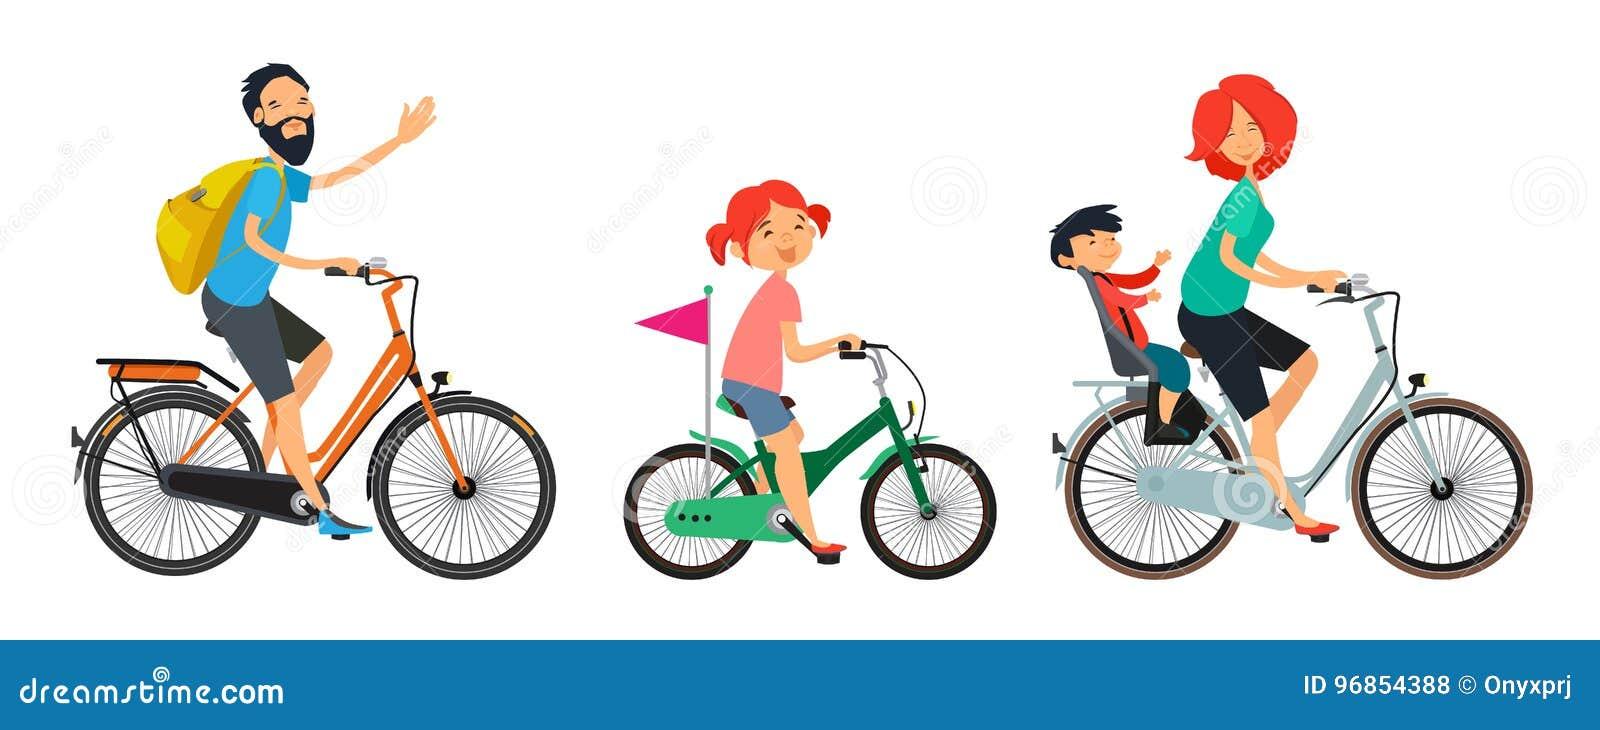 Familjen på cyklar går Manlig och kvinnlig ridning på cykeln